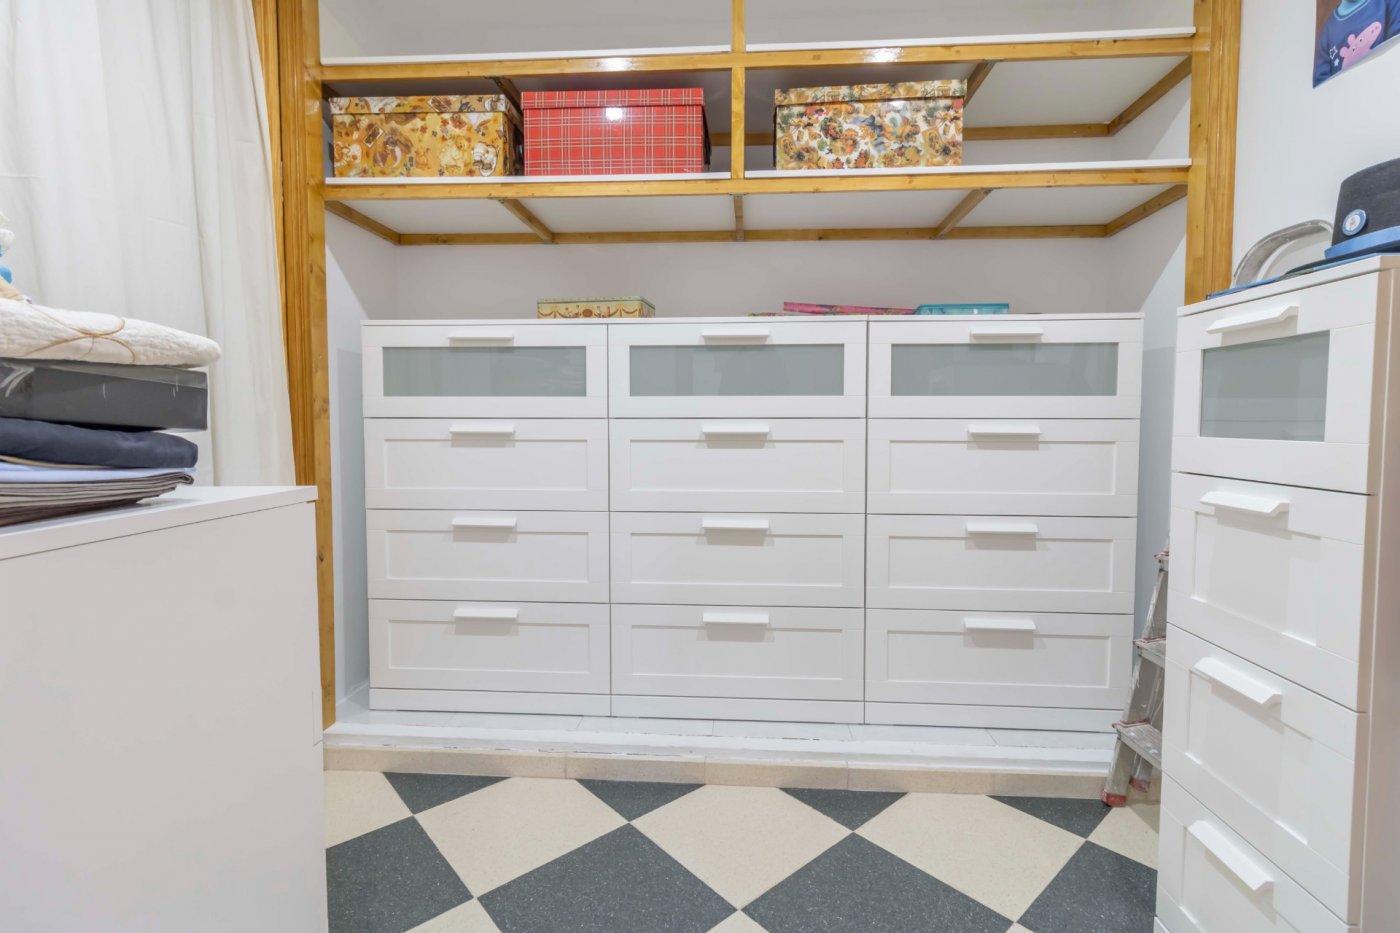 Casa a la venta en zona padre pÍo - imagenInmueble21